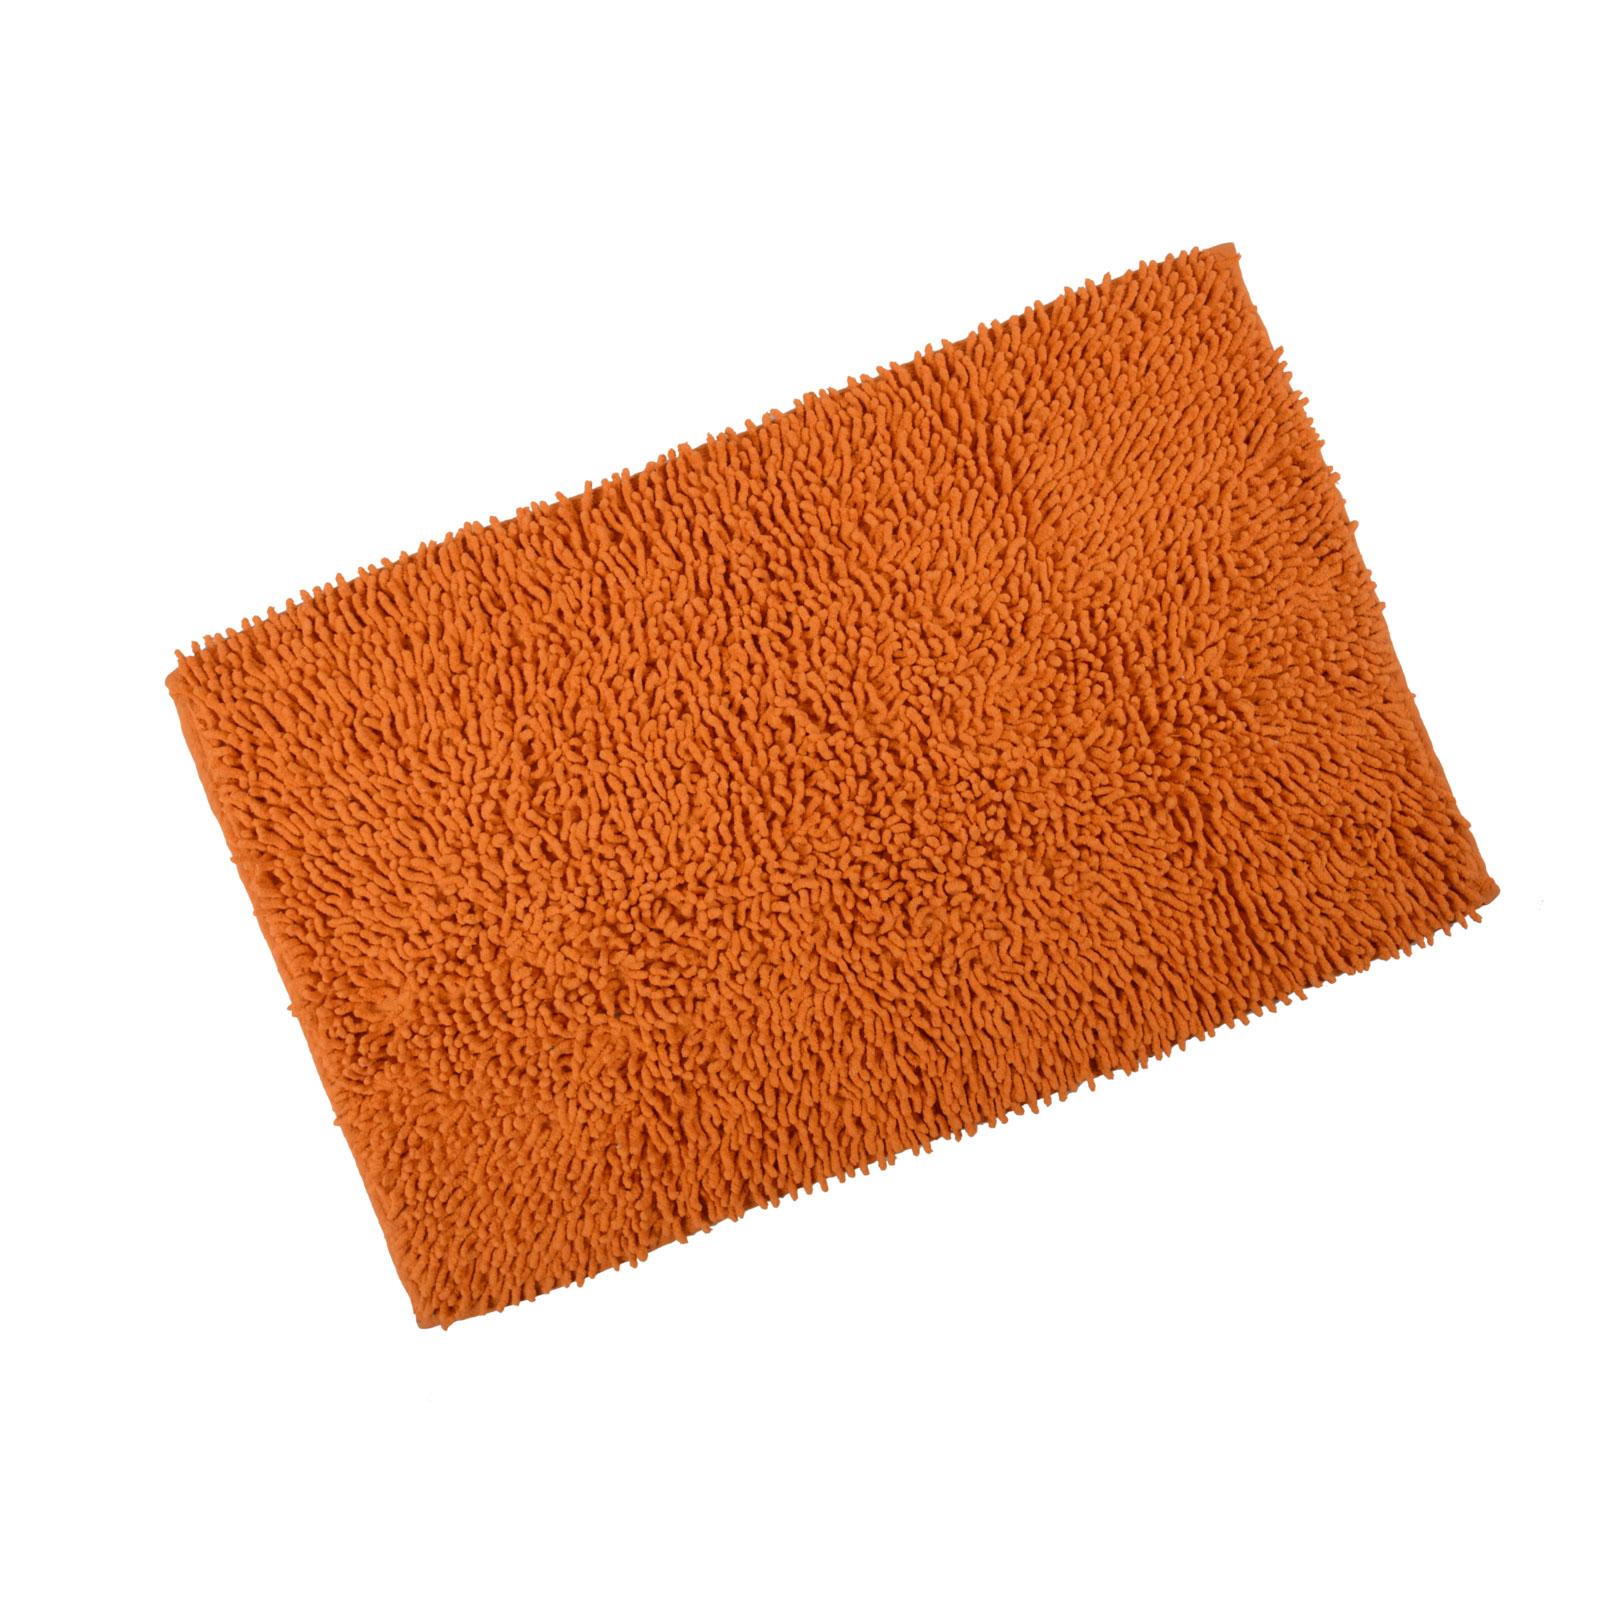 Odyssey Chenille Cotton Shower Bath Mat Soft Washable Bathroom Rug New - 80x50cm